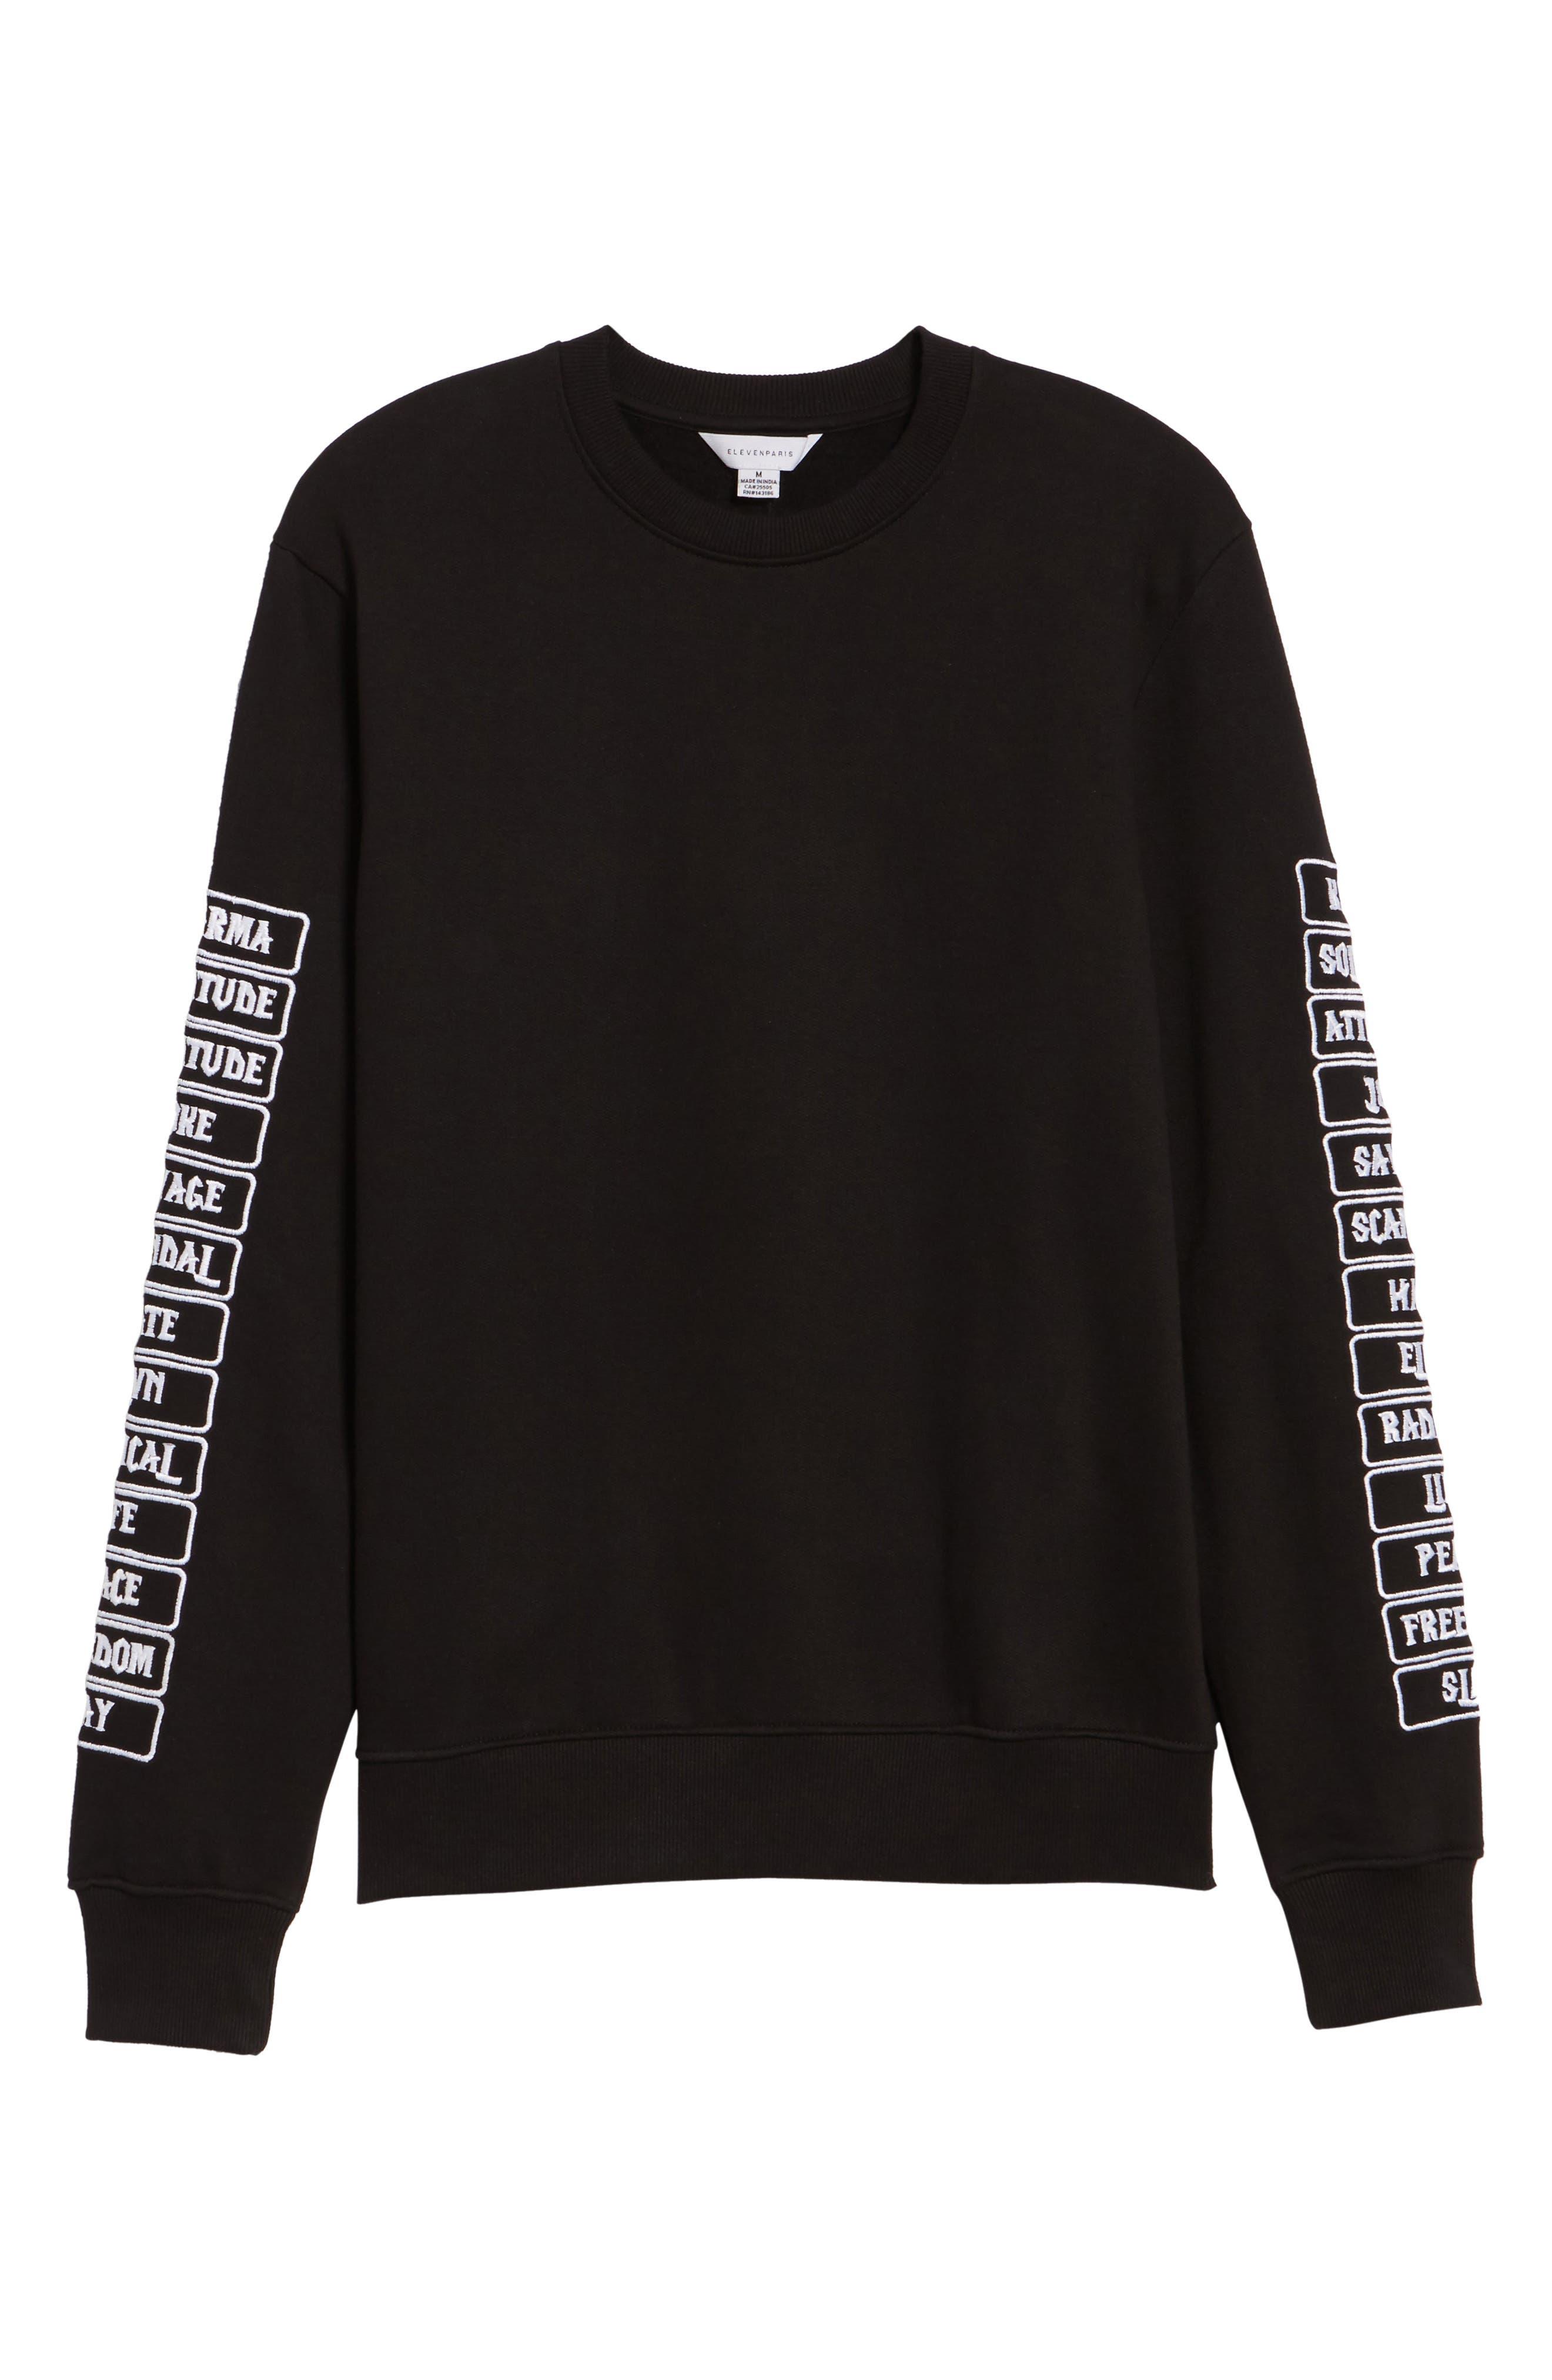 Meace Fleece Sweatshirt,                             Alternate thumbnail 6, color,                             002